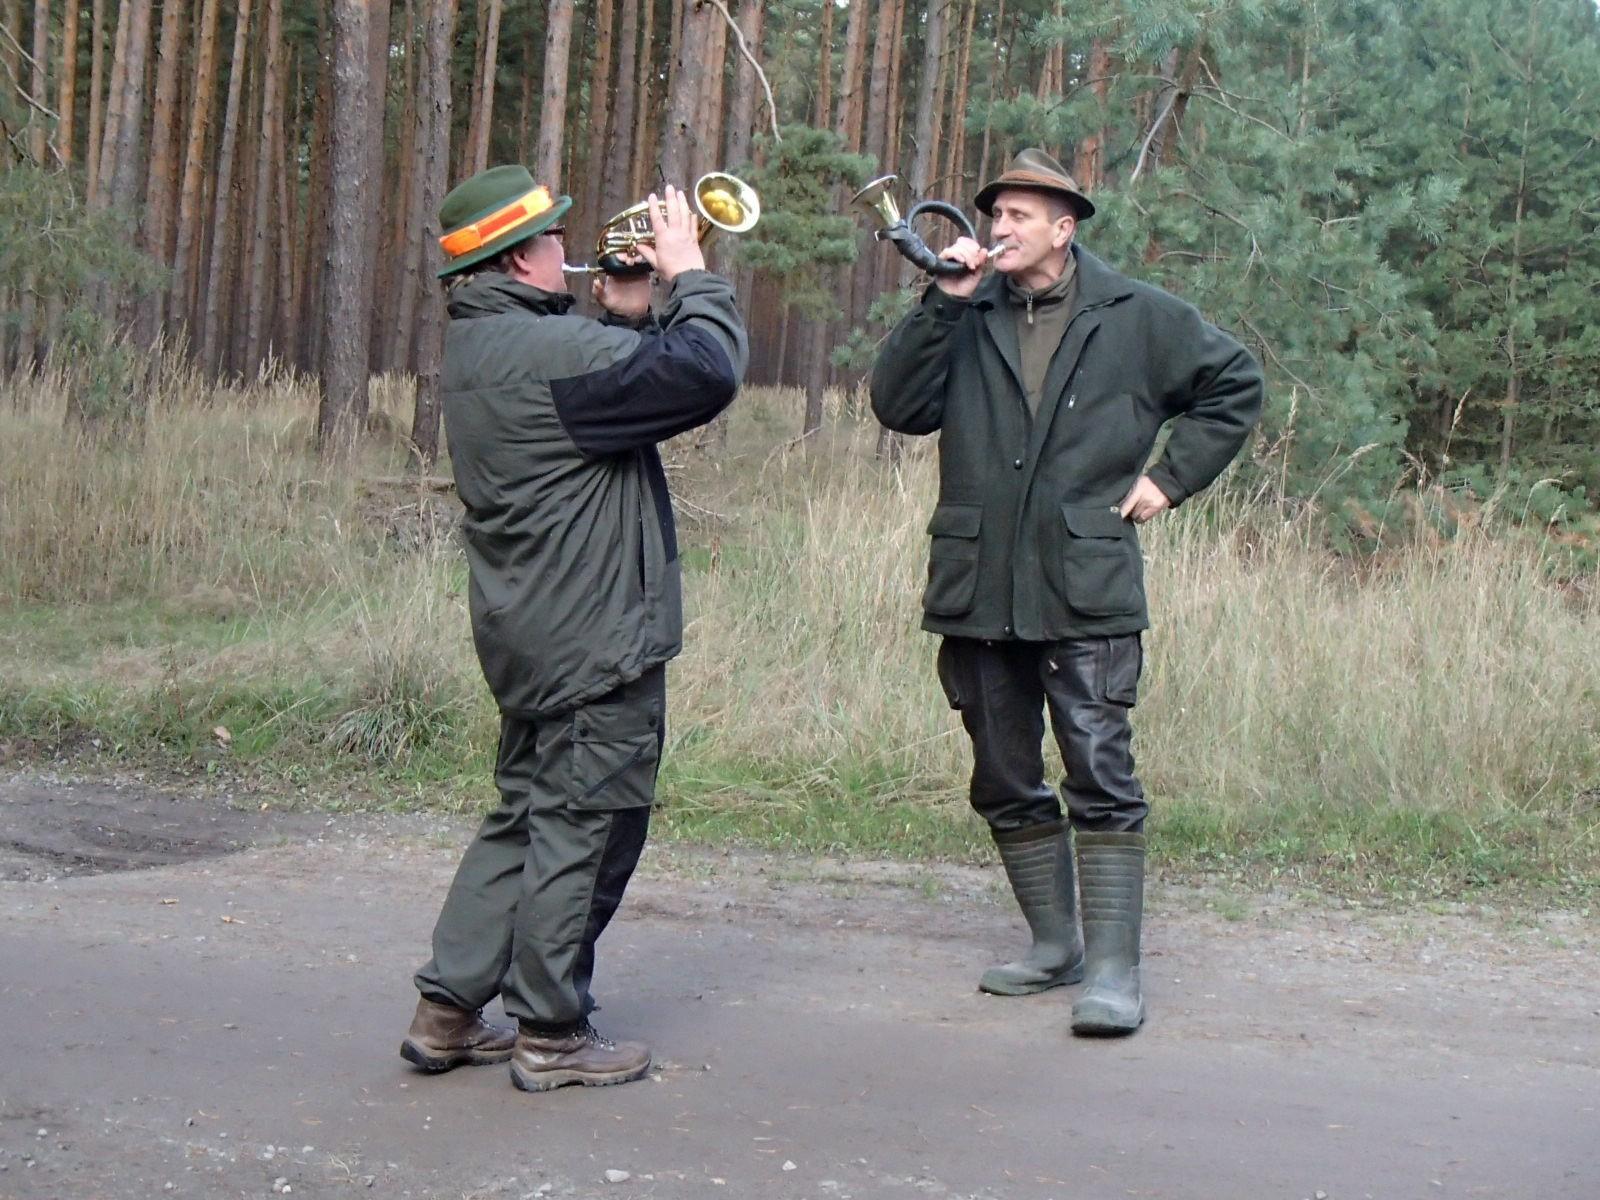 Heidrun und Lutz blasen das Jagdsignal Zum Essen.